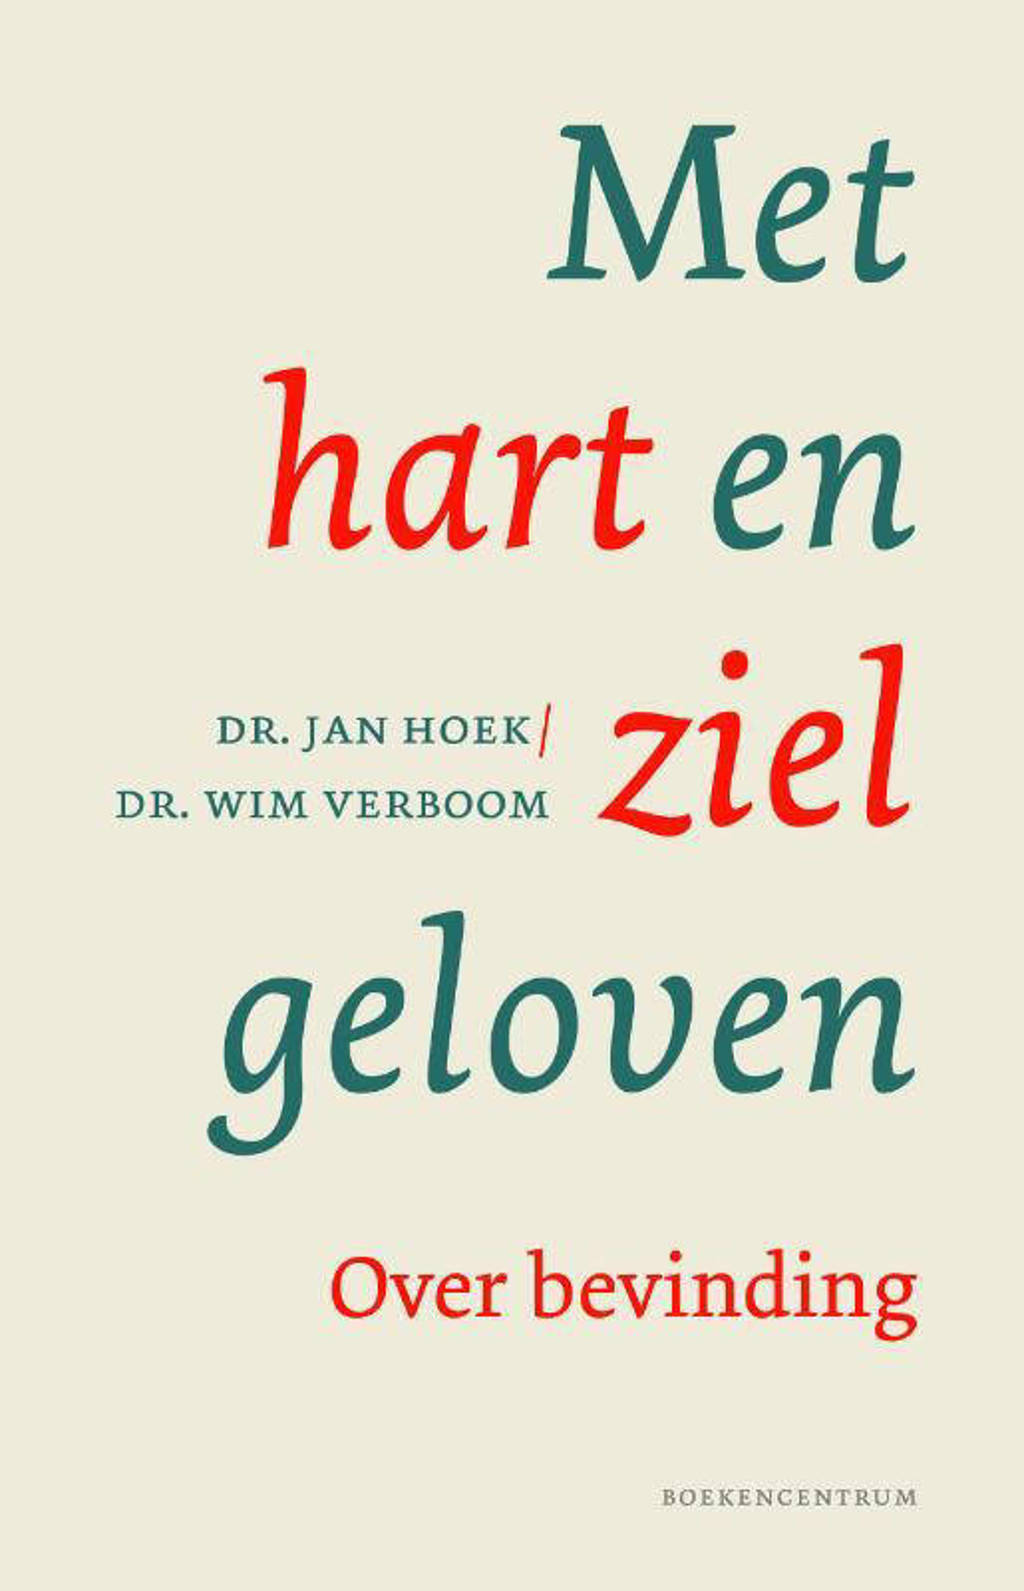 Met hart en ziel geloven - Jan Hoek en Wim Verboom